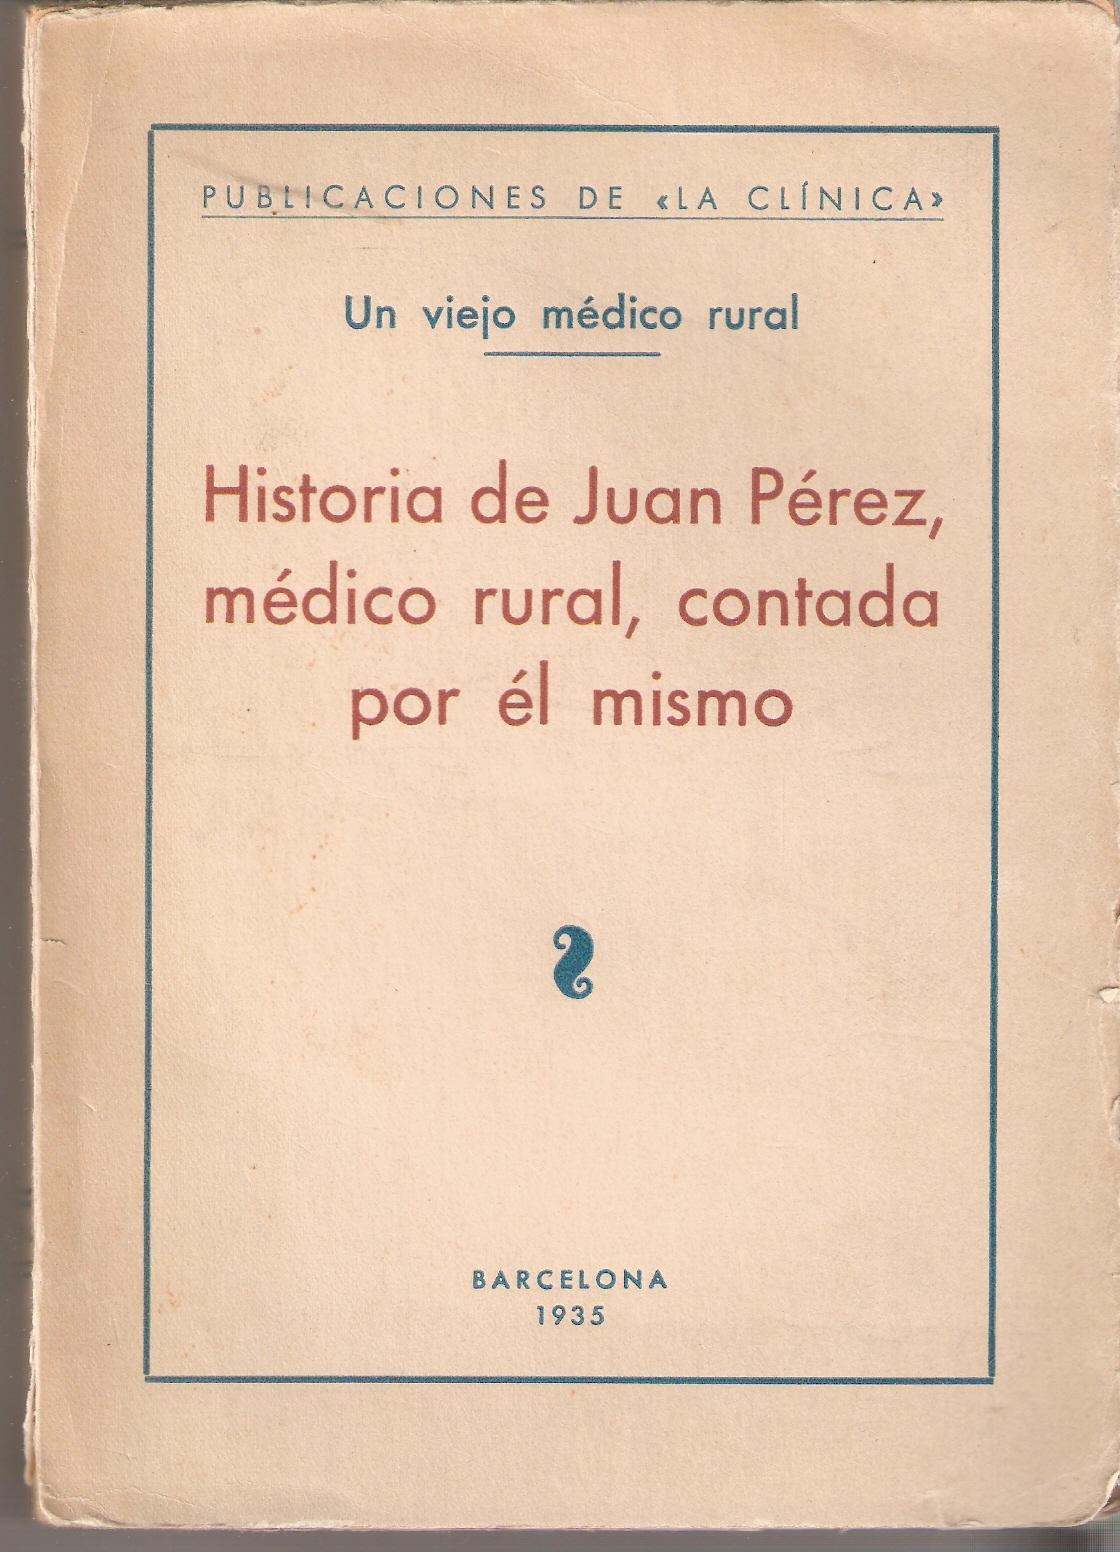 Historia de Juan Pérez, médico rural, contada por él mismo